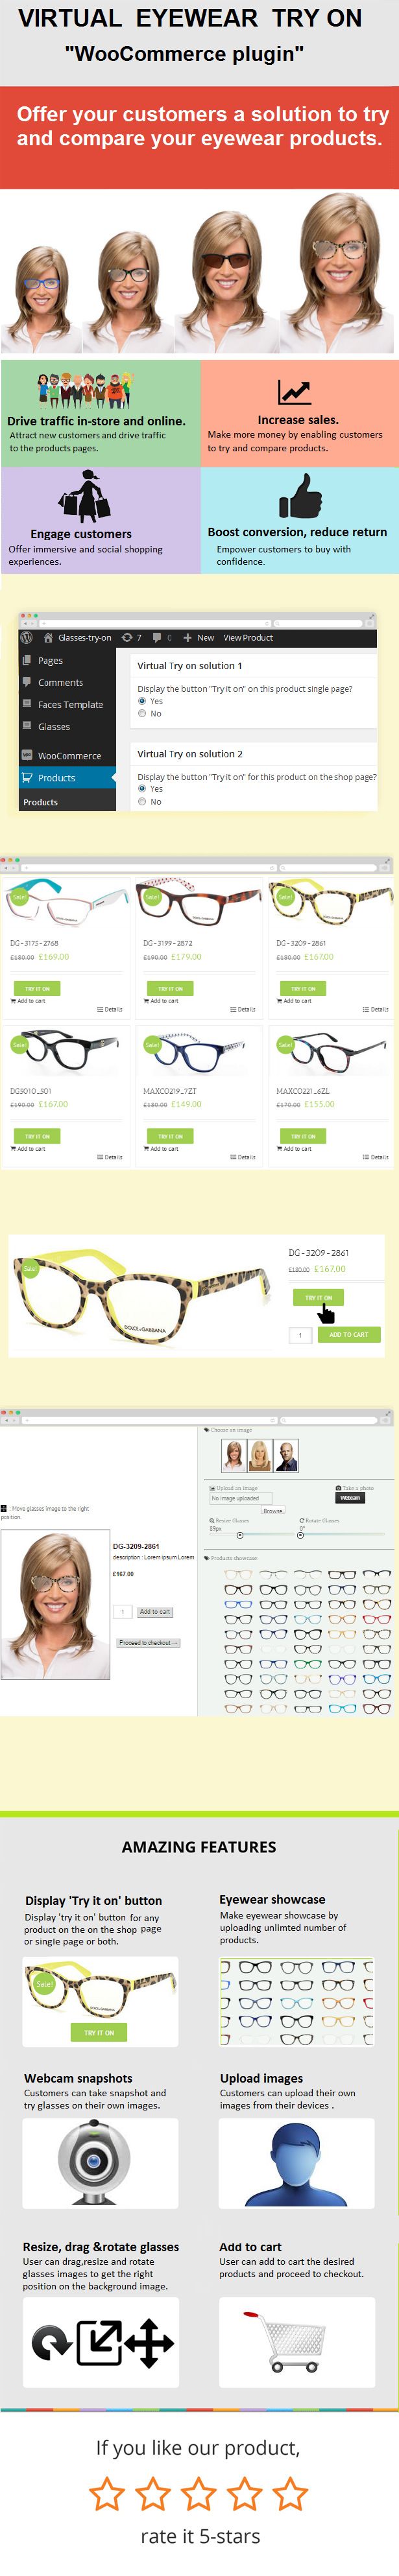 """Eyewear Virtual Try-on """"Plug-in WooCommerce"""" - 1"""